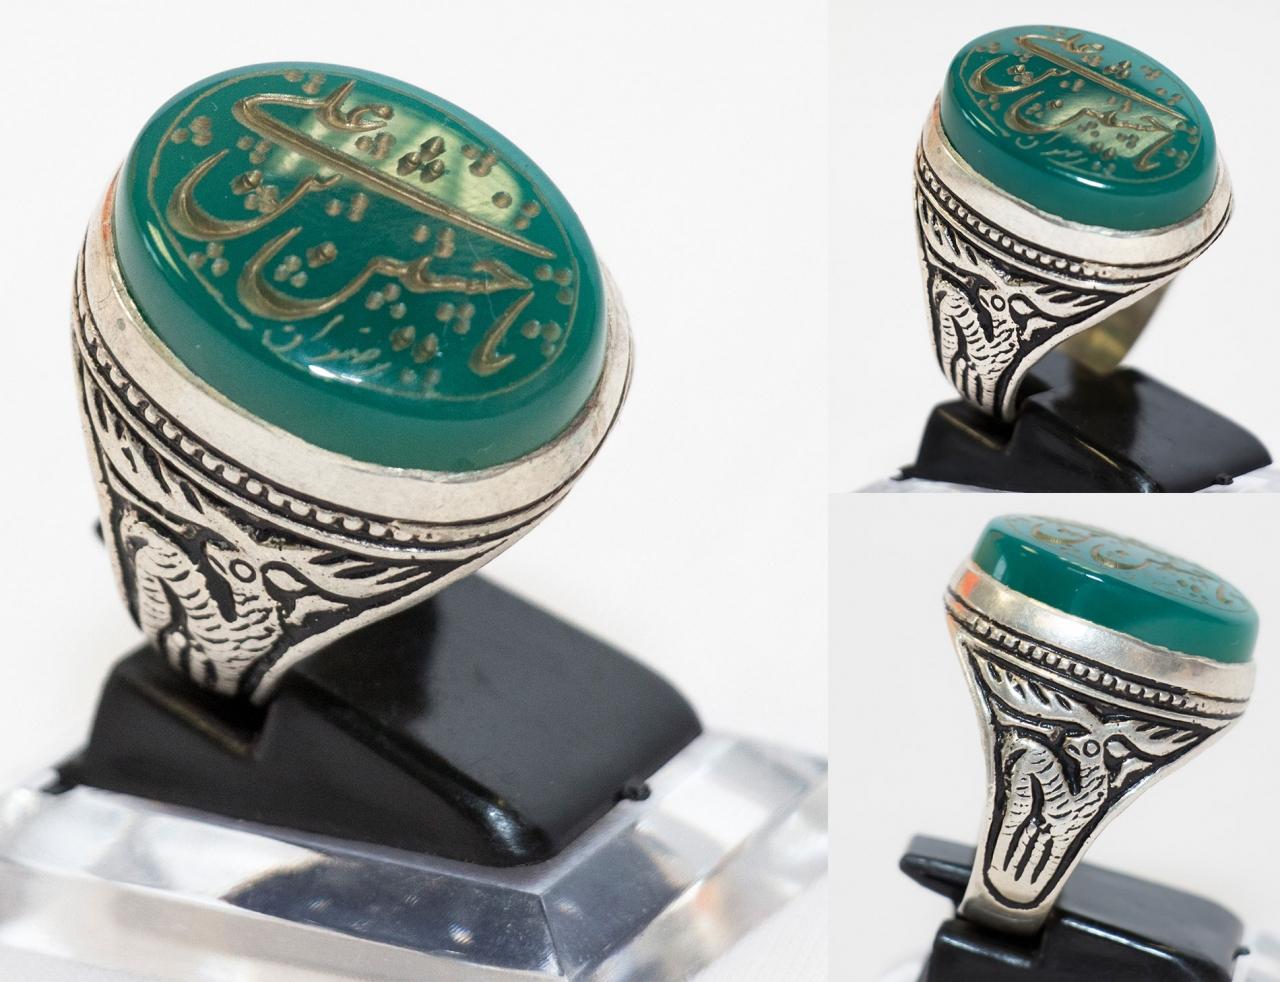 Grüner Aqiq graviert mit Ya Hussein ibn Ali - Goldschrift Size 65